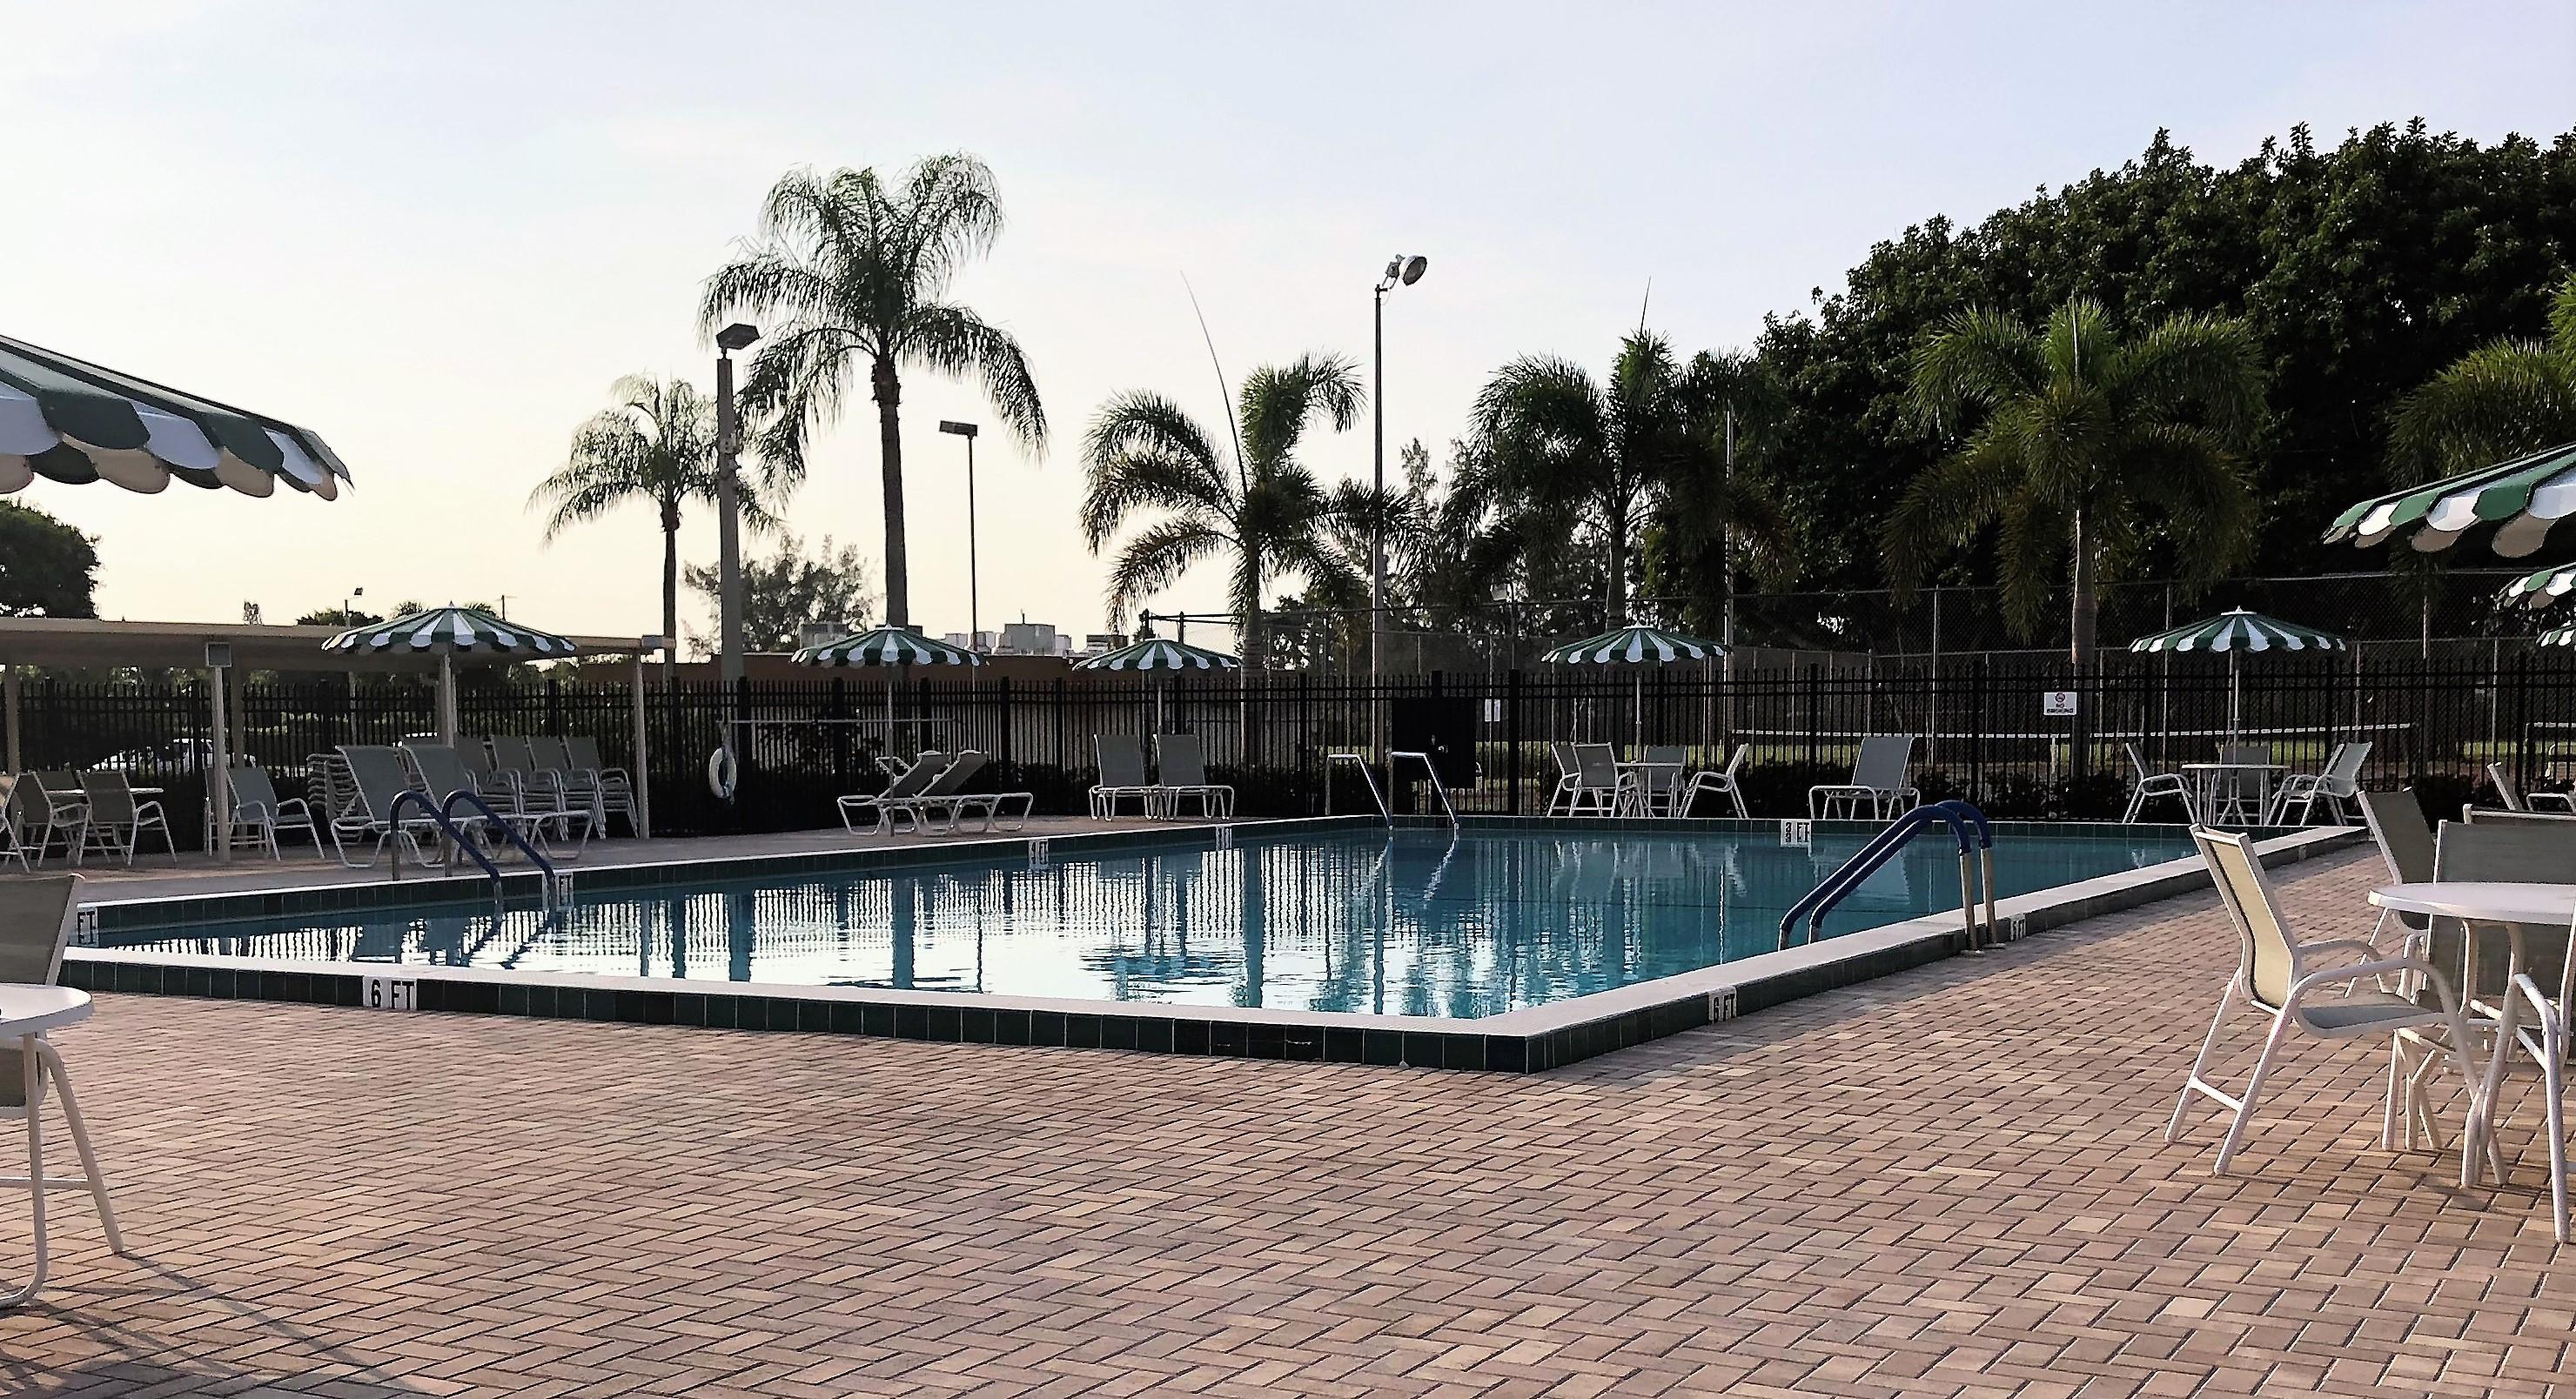 2620 NE 1st Court Court Boynton Beach, FL 33435